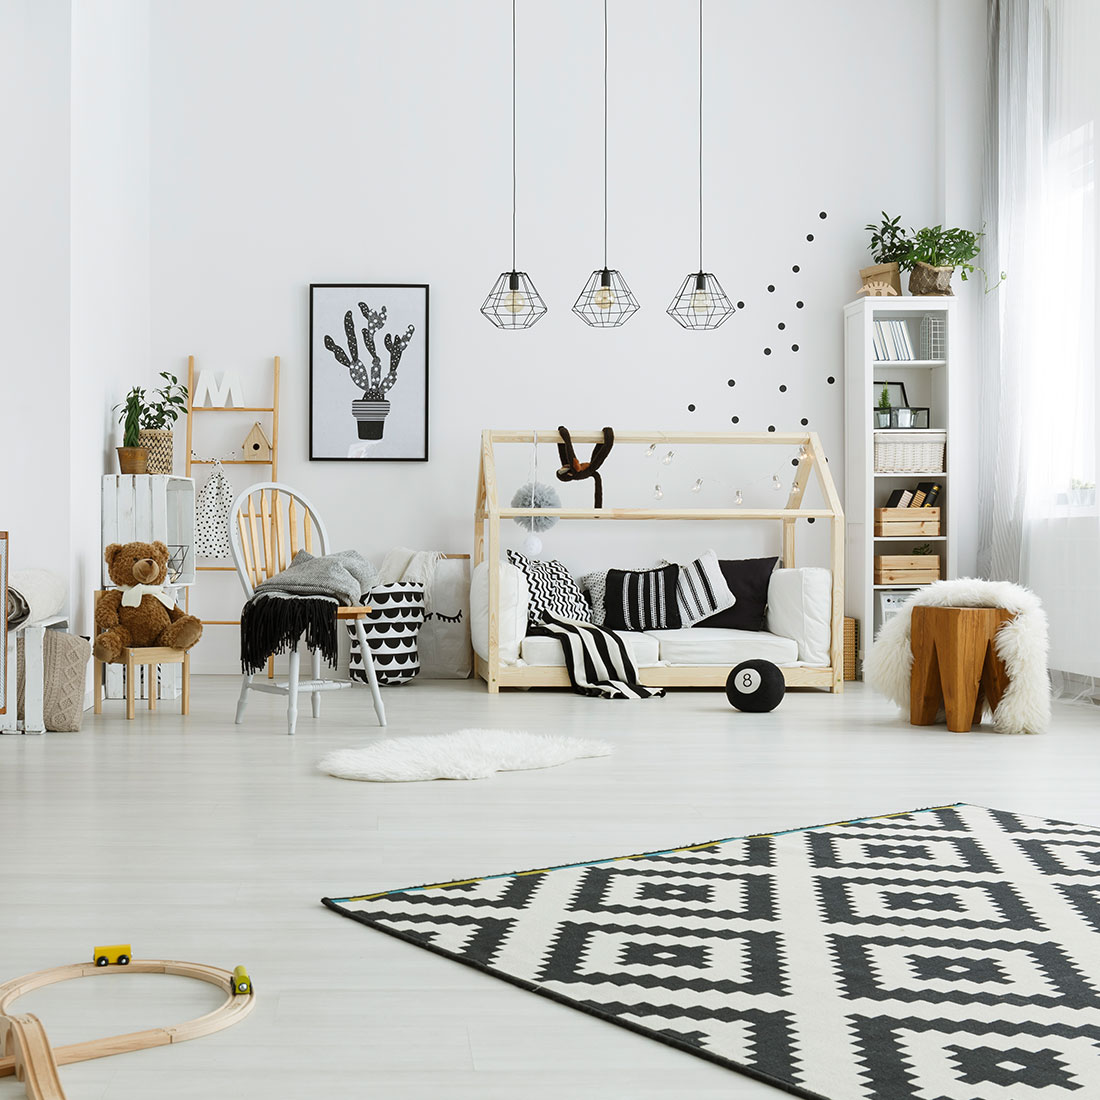 Sterren Accessoires Babykamer.Scandinavische Kinderkamer Accessoires Ideeen Bekijk Dit Blog